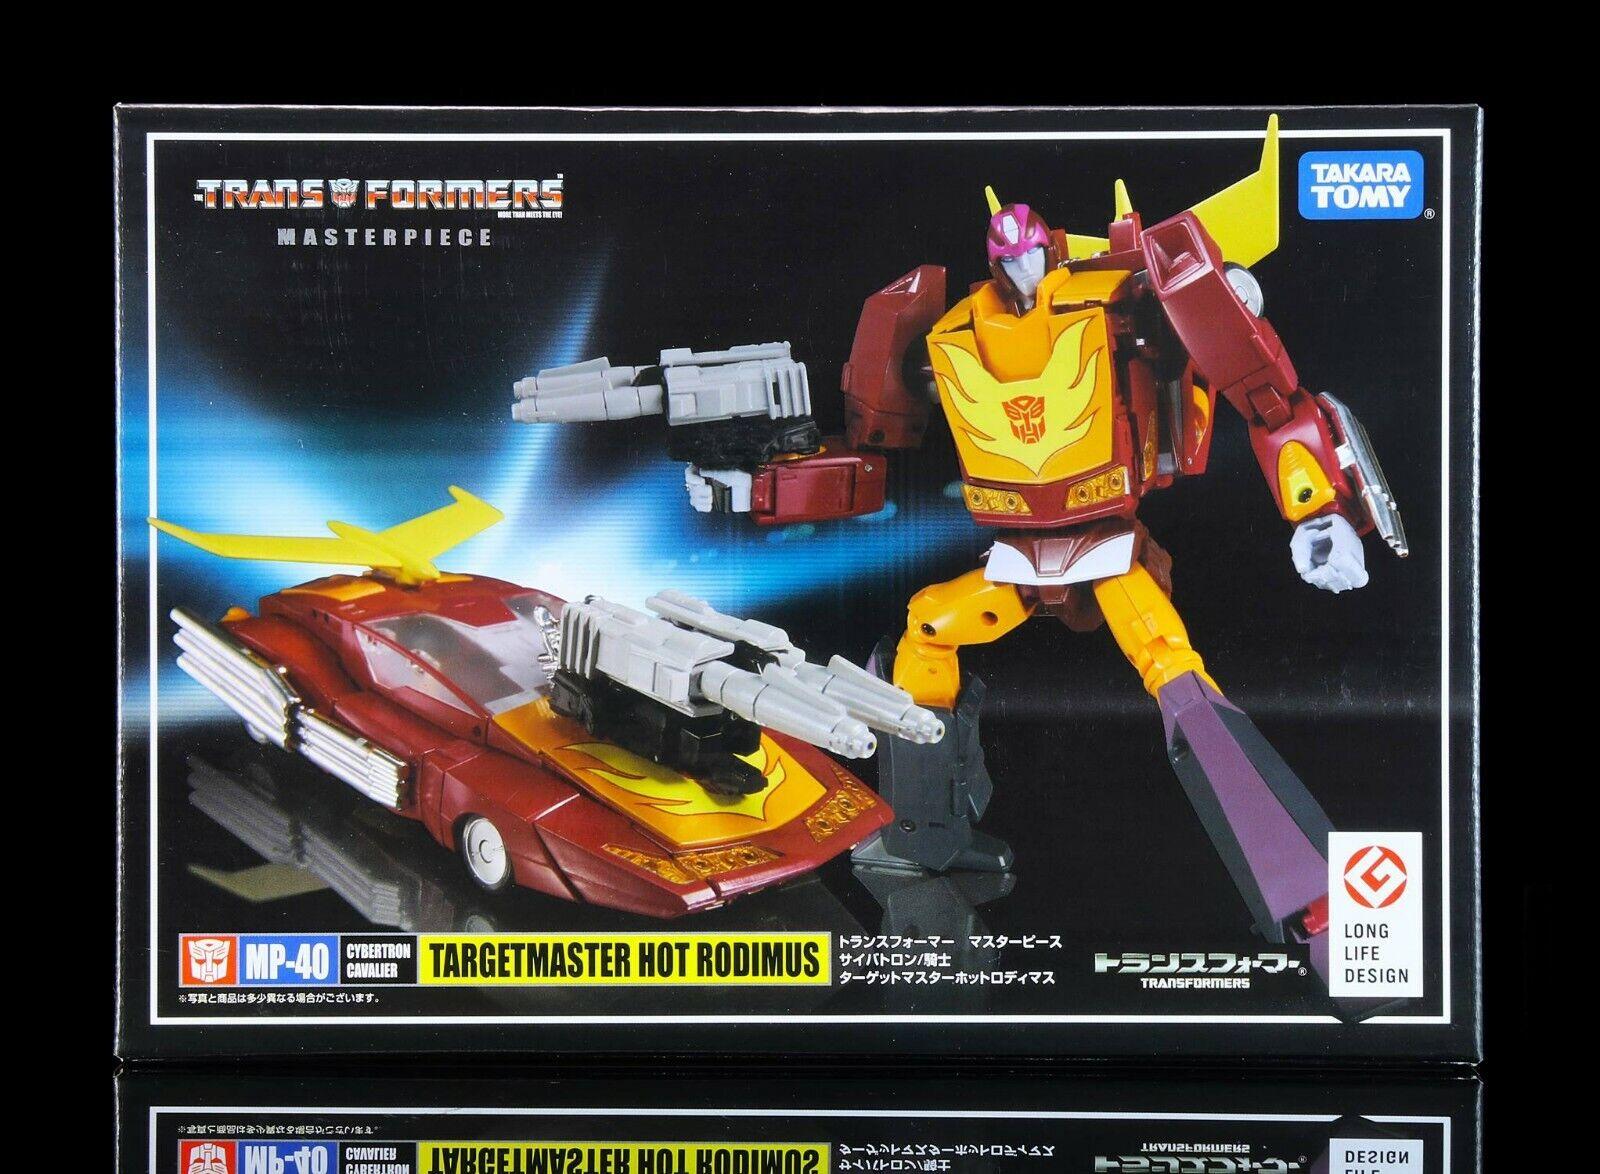 ordenar ahora Transformers Masterpiece MP40 Hotrod Hot Rodimus Targetmaster Nuevo Nuevo Nuevo  deportes calientes